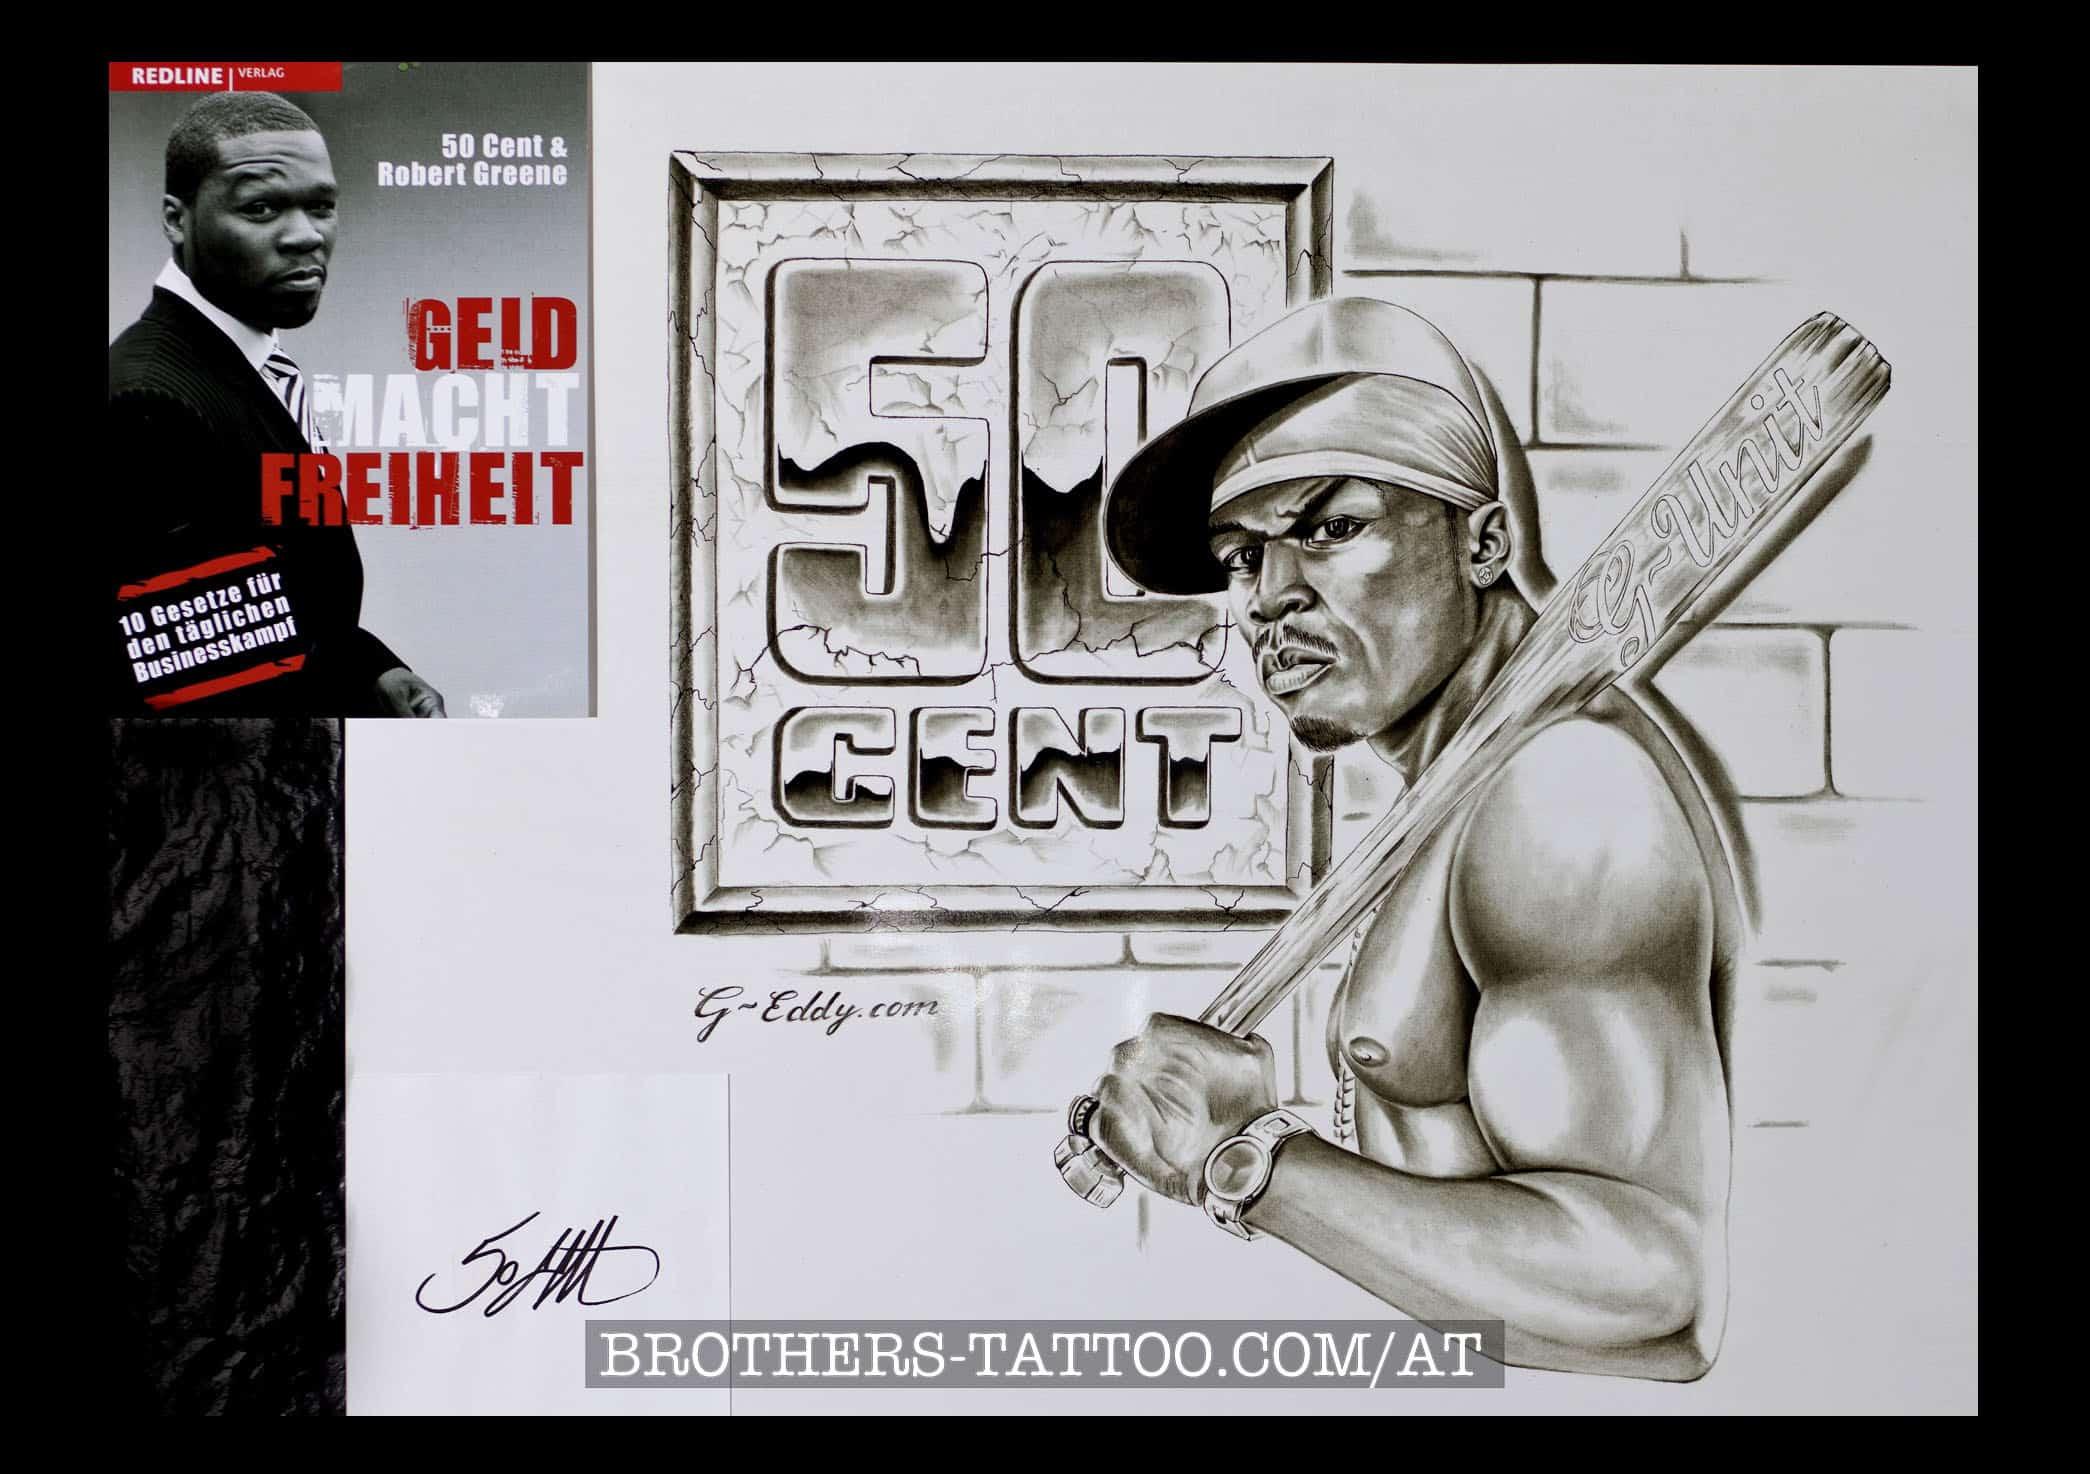 """50cent Coveralbum """"Geld macht freiheit"""""""